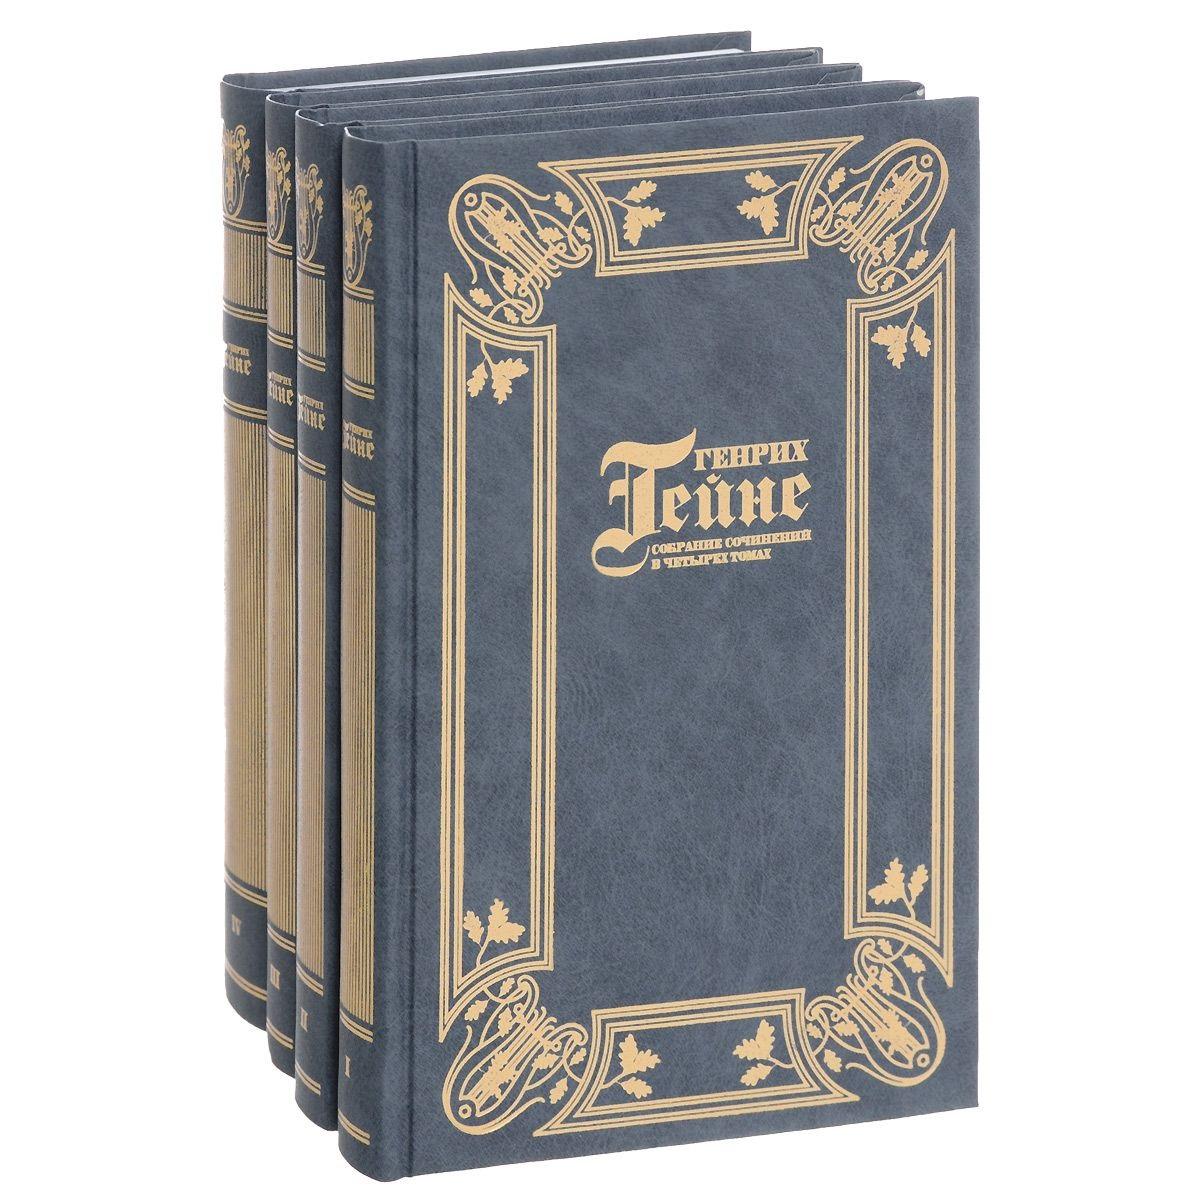 Гейне Г. Генрих Гейне. Собрание сочинений в четырех томах (комплект из 4 книг) ричард олдингтон собрание сочинений в 4 томах комплект